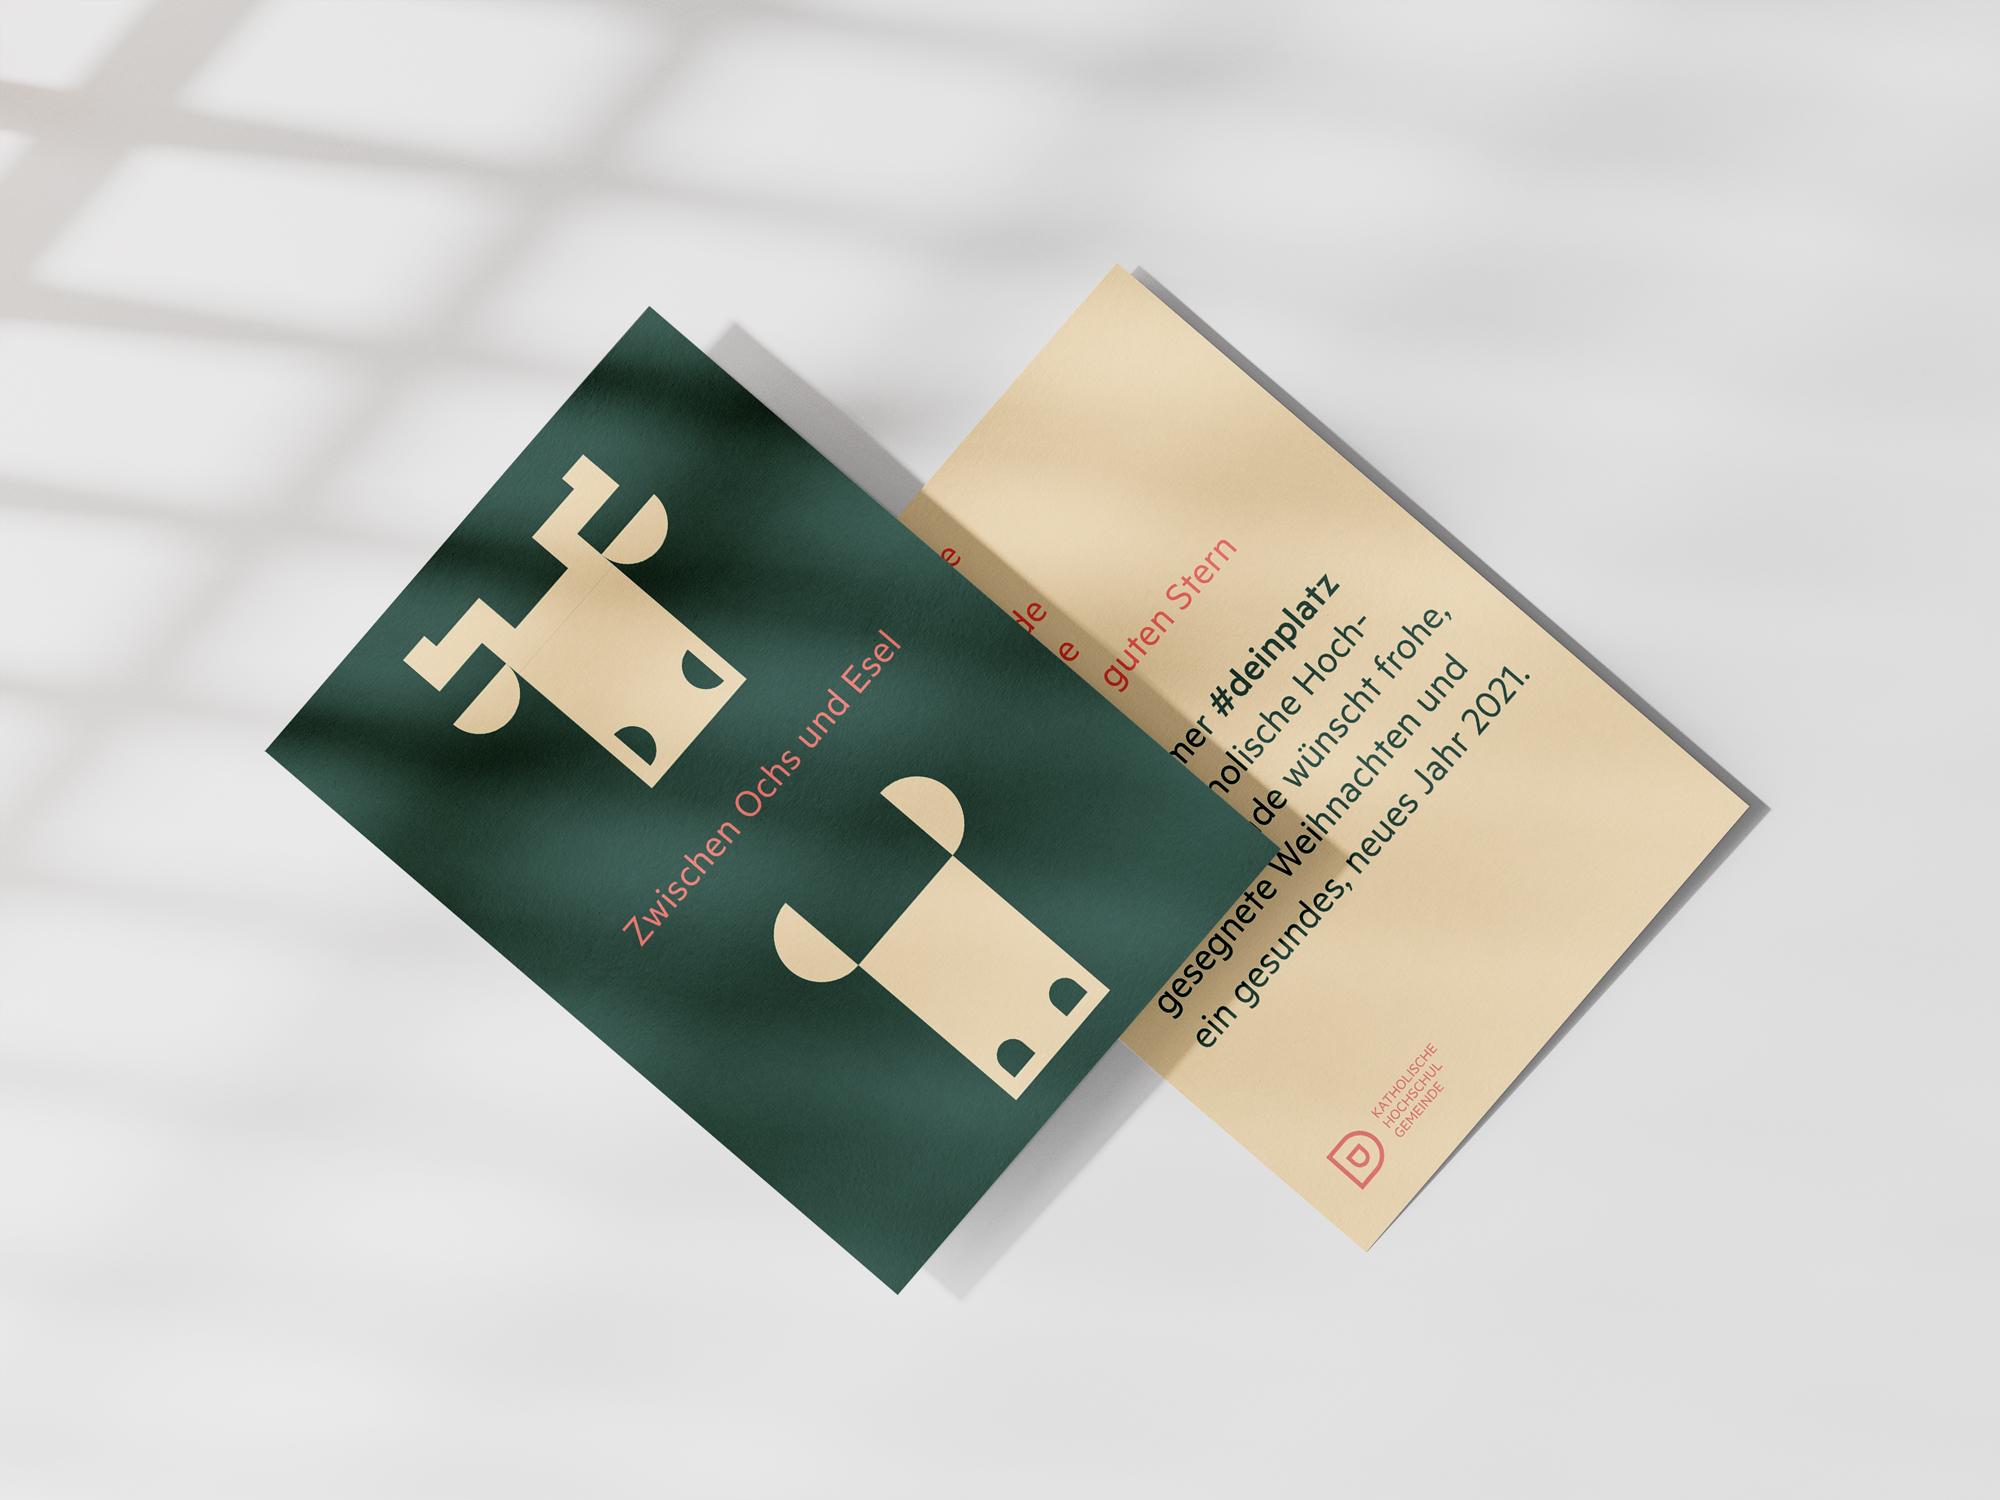 Katholische Hochschulgemeinde Düsseldorf Corporate Design Weihnachtskarte